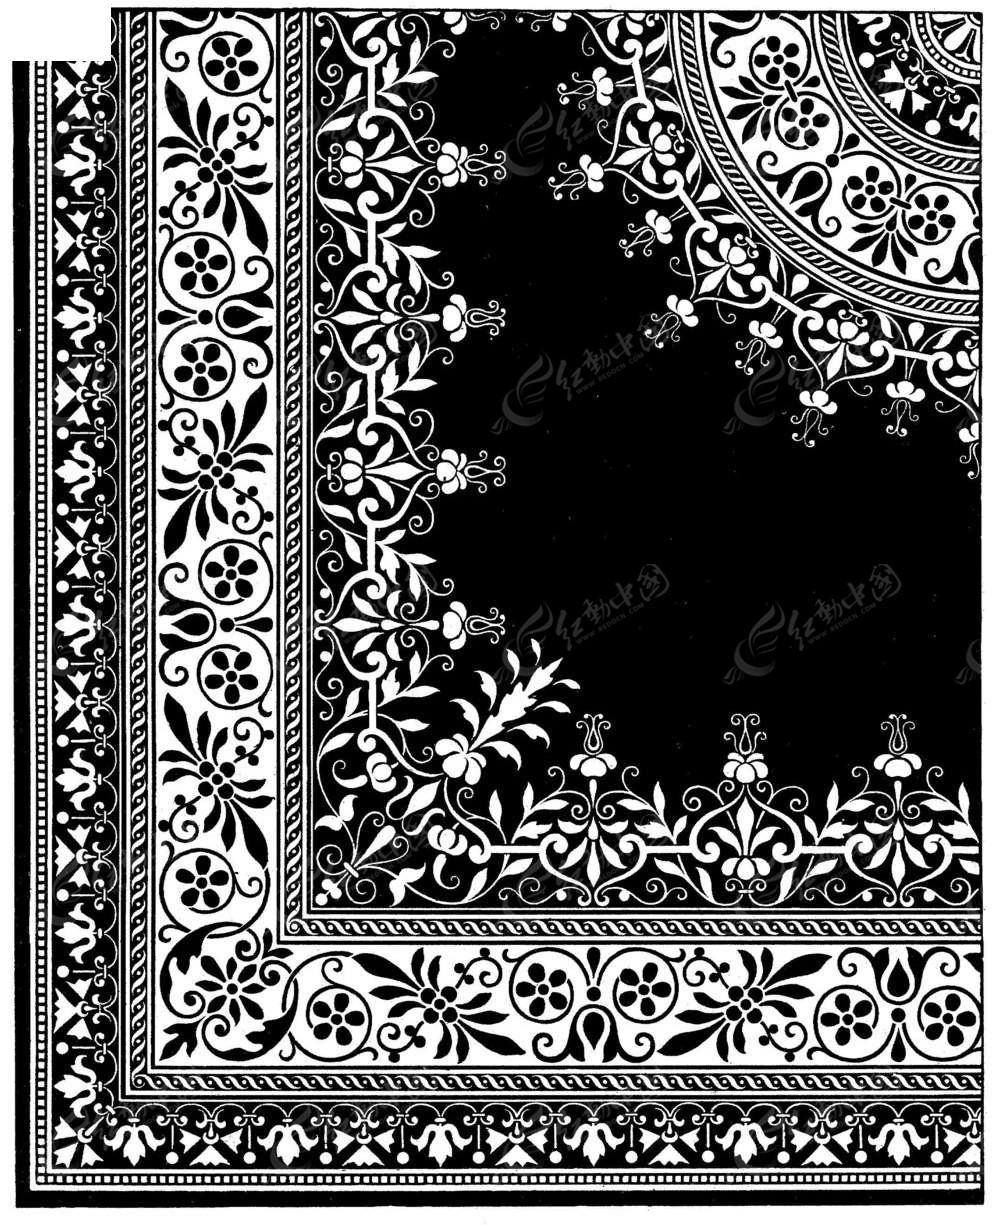 欧式风格镂空花纹边框图案